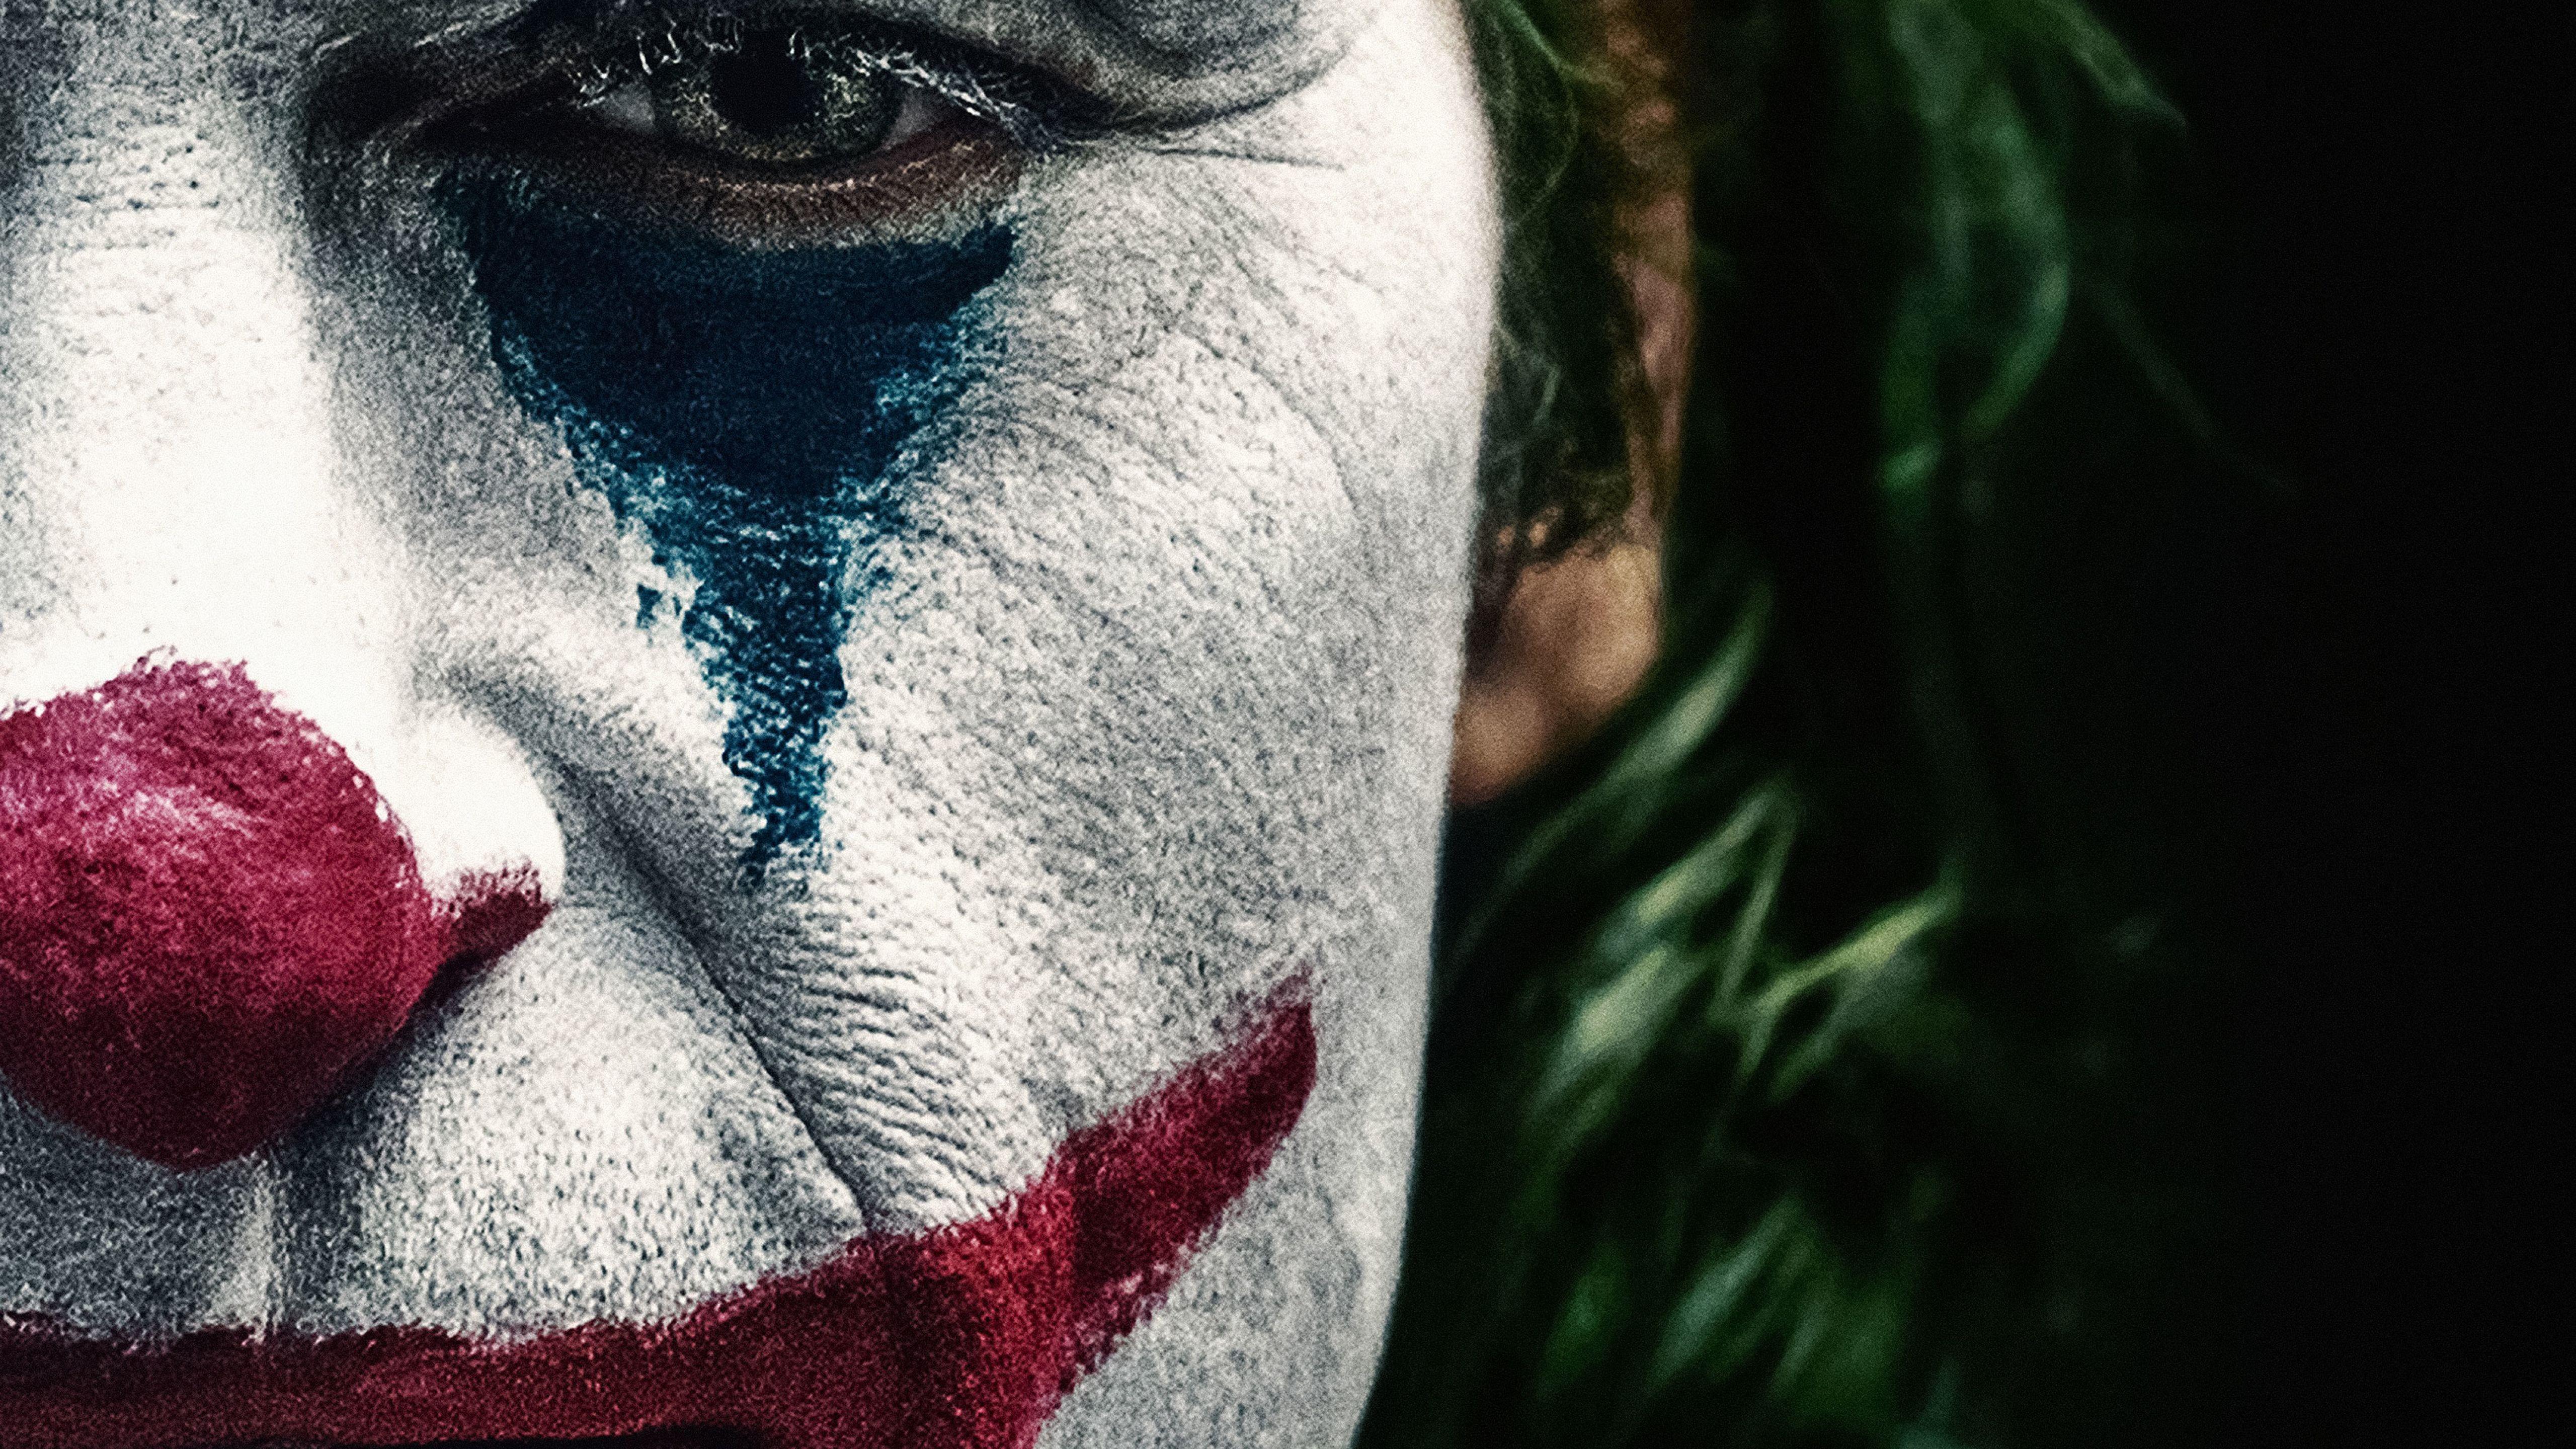 Joker 2019 Movie 4k Wallpapers Top Free Joker 2019 Movie